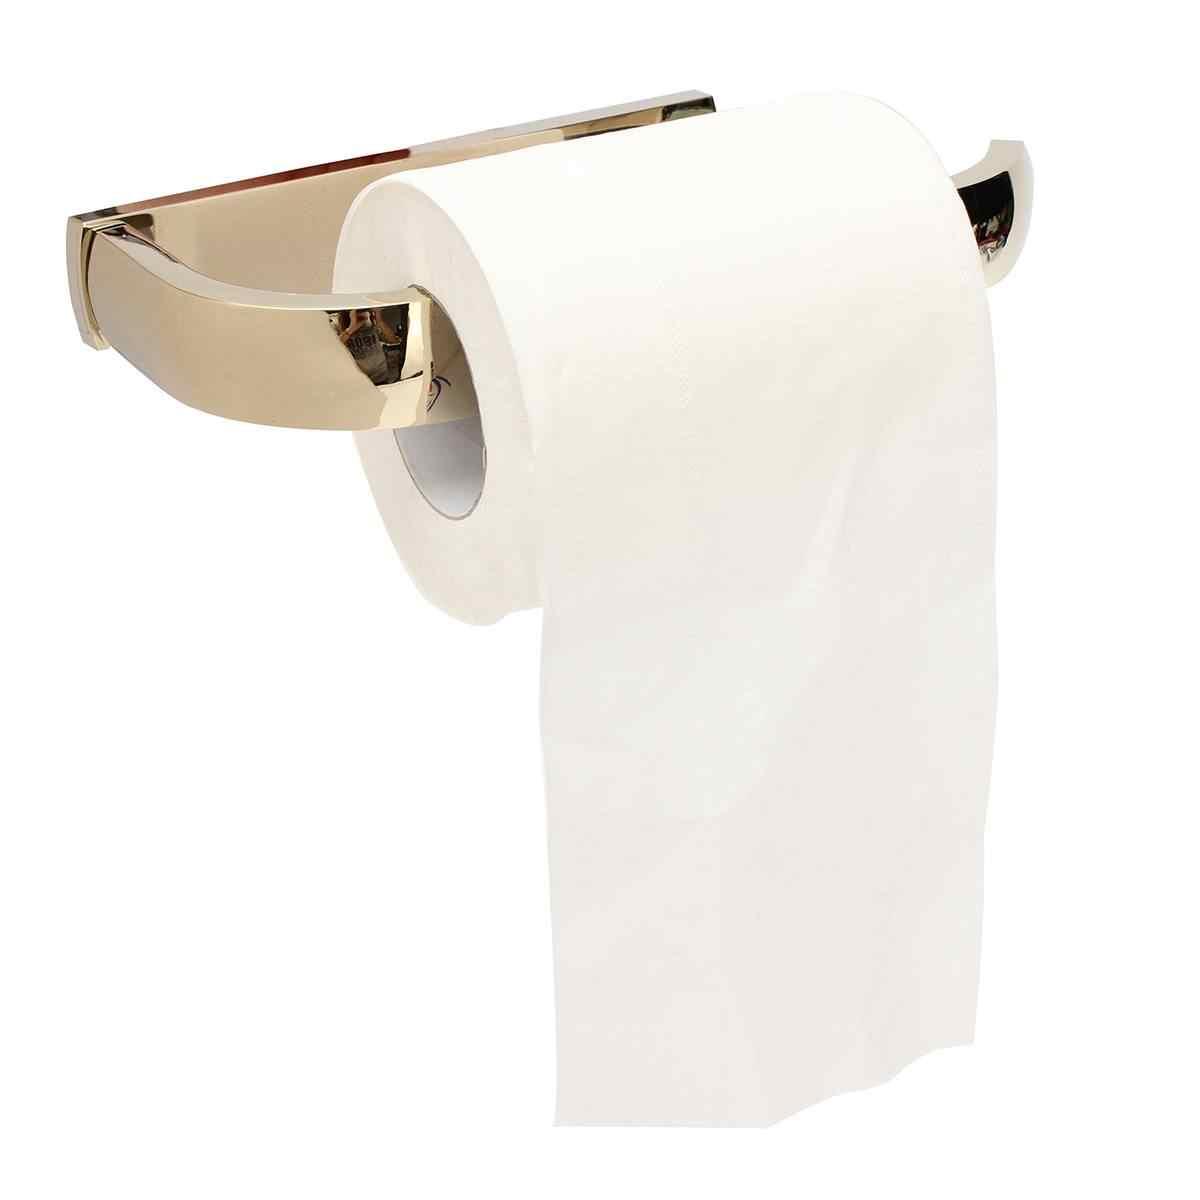 الذهب حامل ورق المرحاض الحمام المطبخ المنزل جدار جبل بكرة مناديل شماعات النحاس ملحقات الحمام